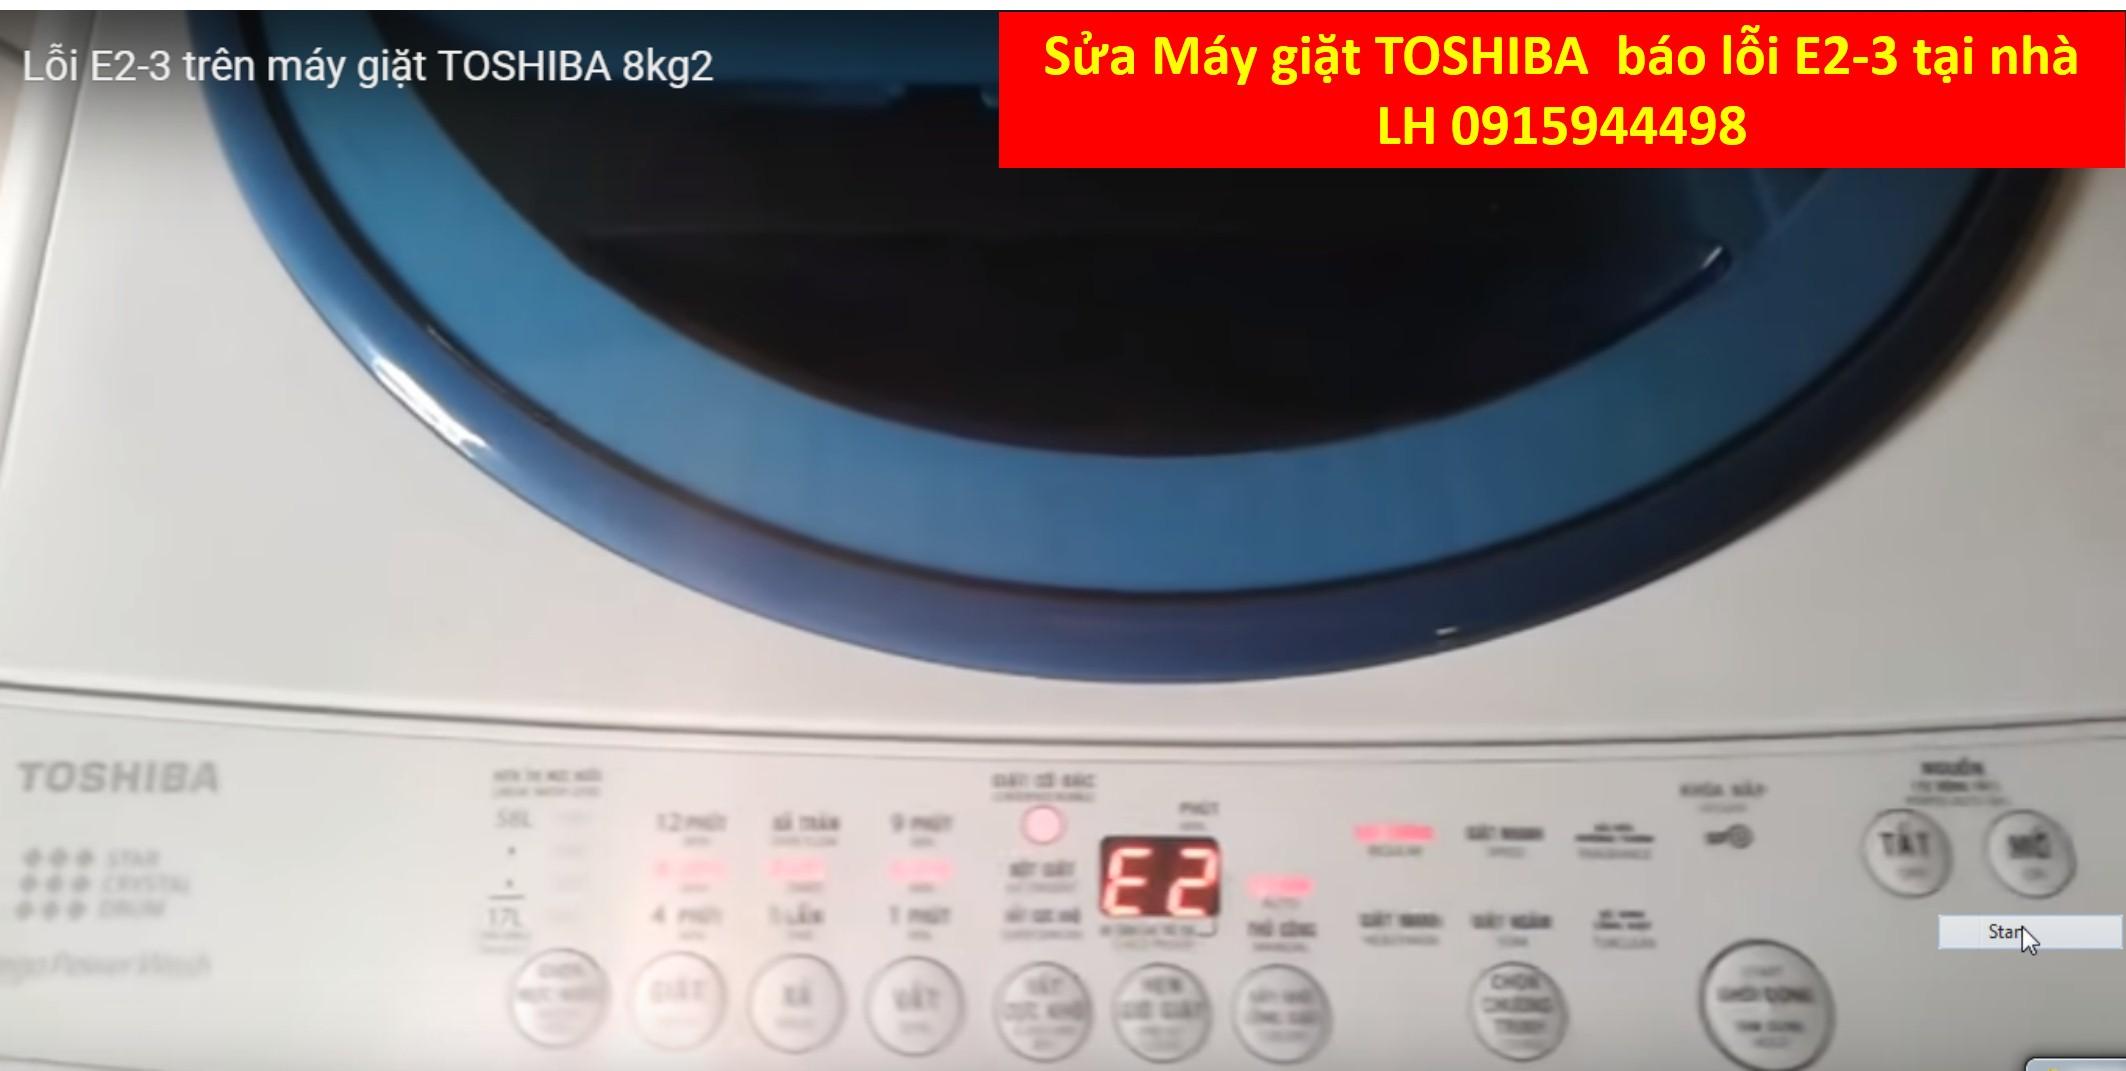 Sửa chữa máy giặt Toshiba báo lỗi E2-3 tại nhà